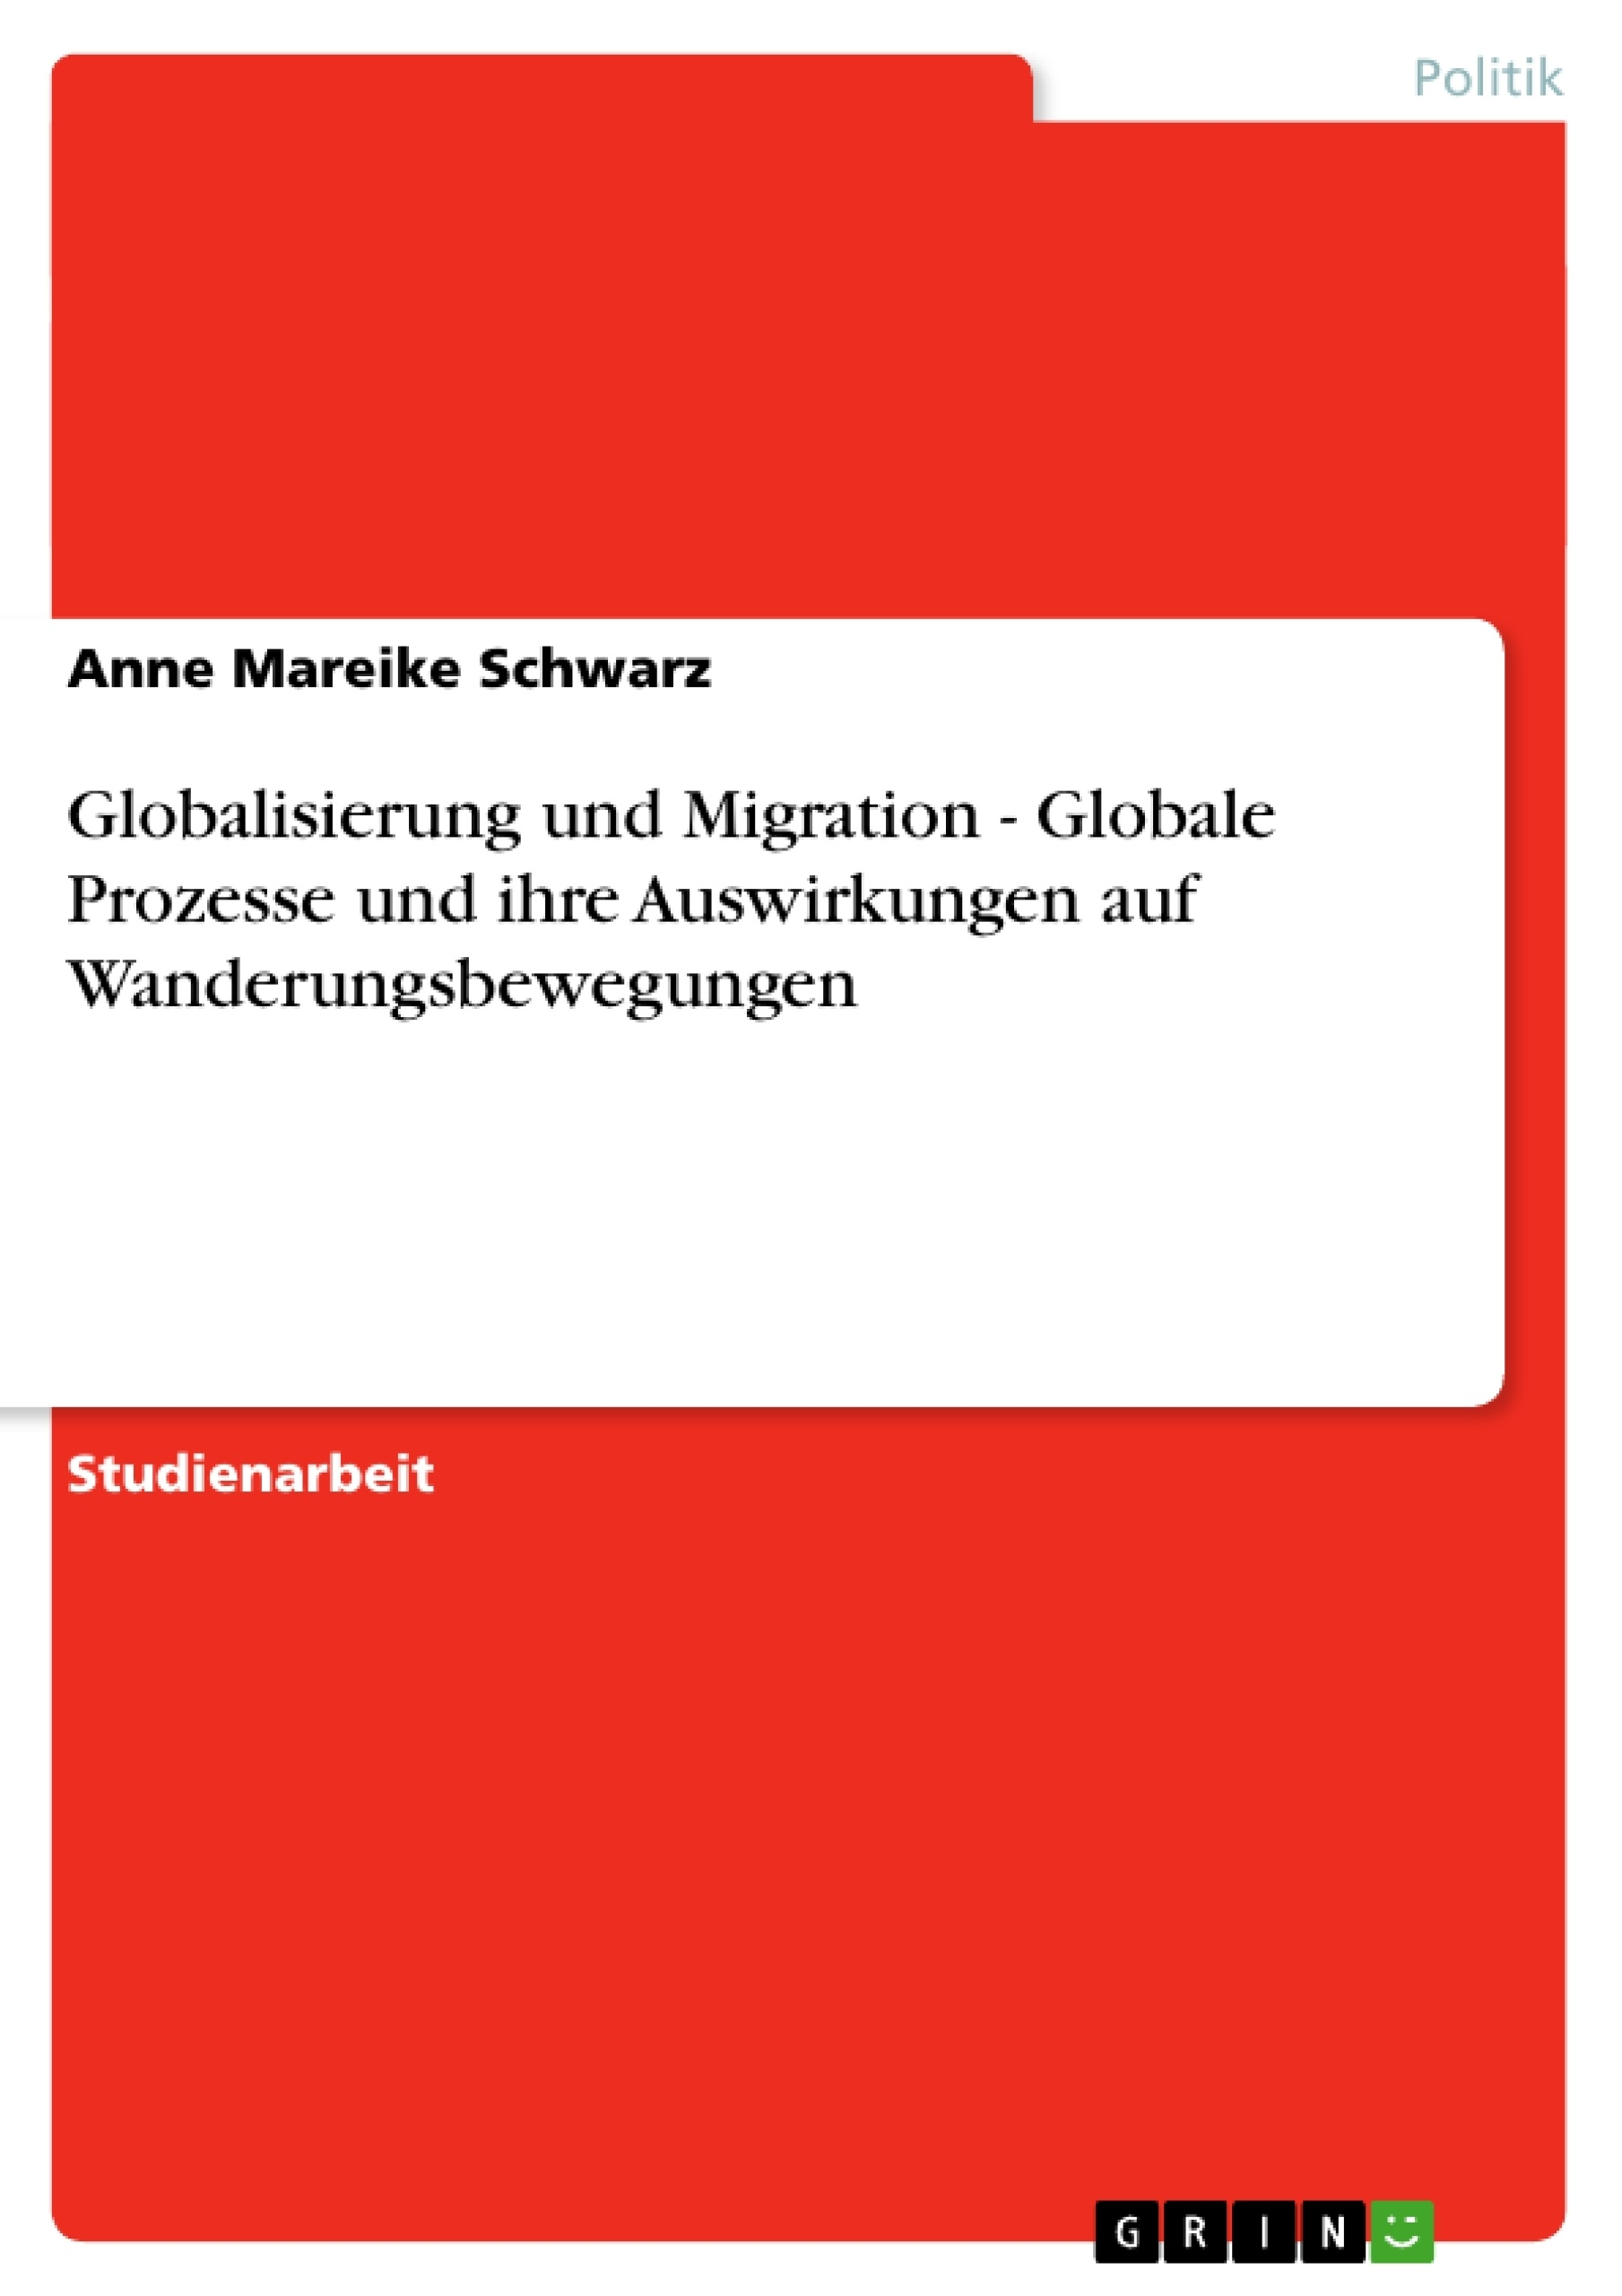 Titel: Globalisierung und Migration -  Globale Prozesse und ihre Auswirkungen auf Wanderungsbewegungen